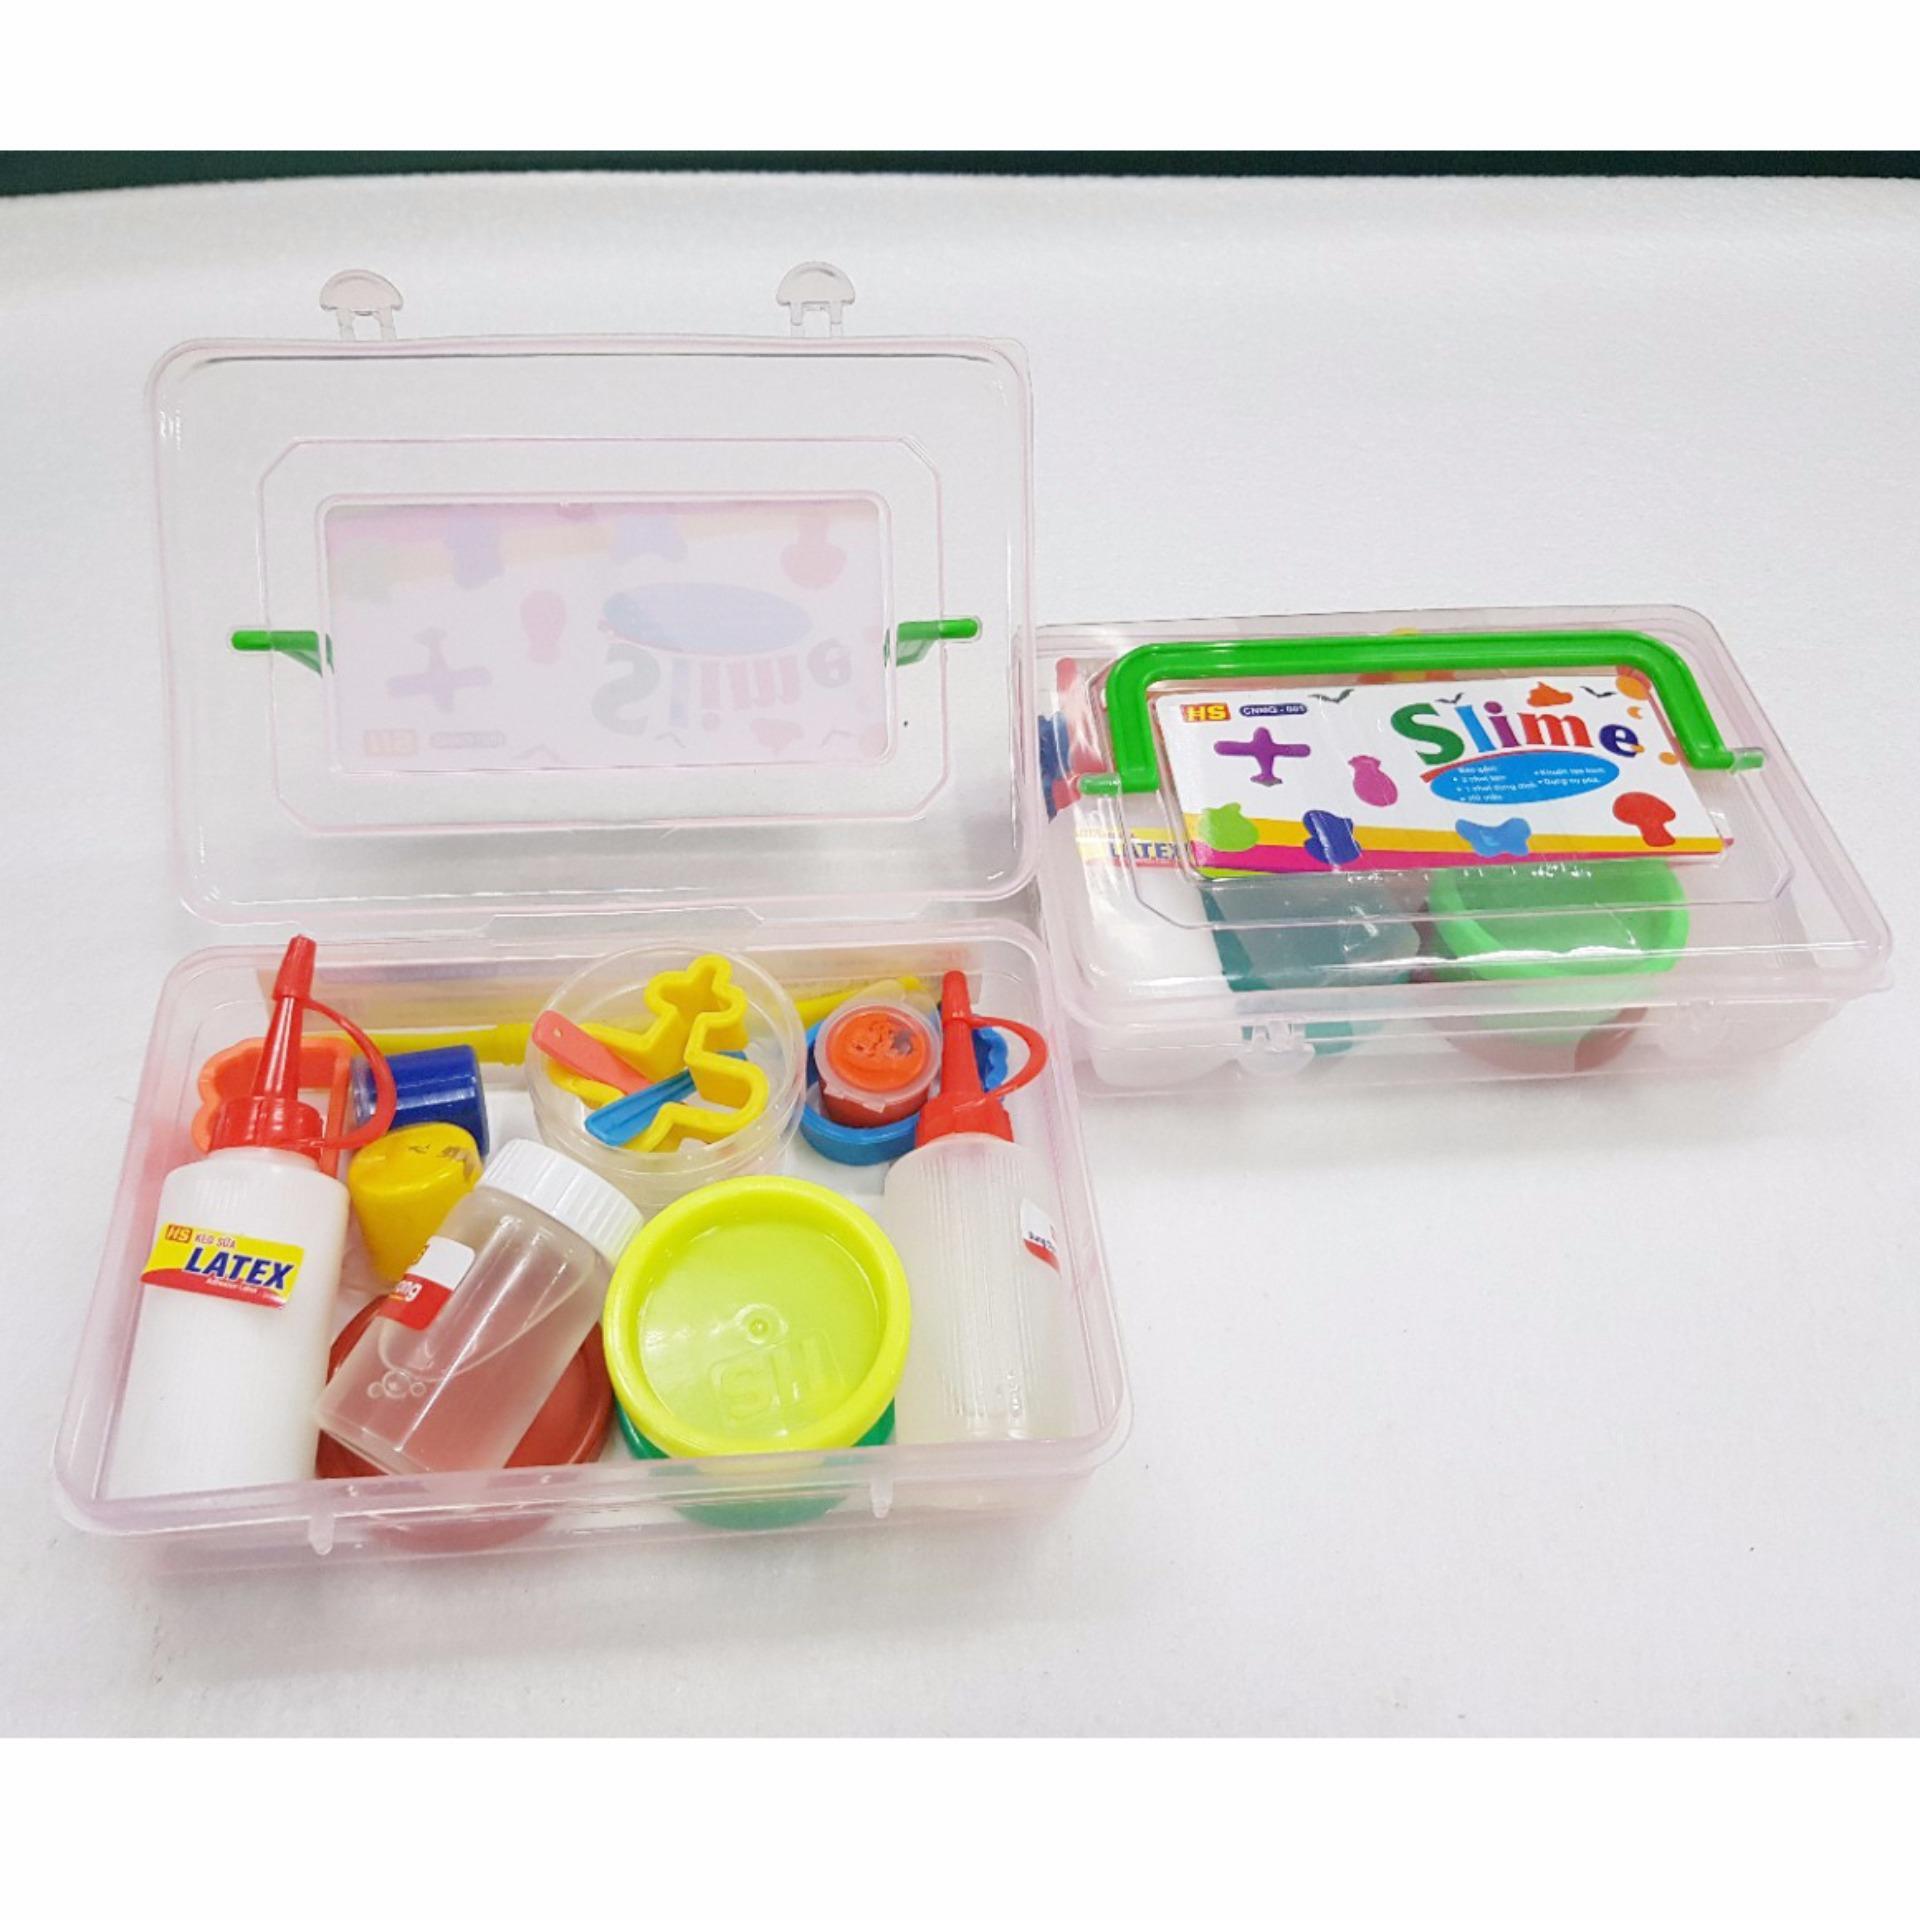 Bộ đồ chơi Slime – chất nhờn ma quái